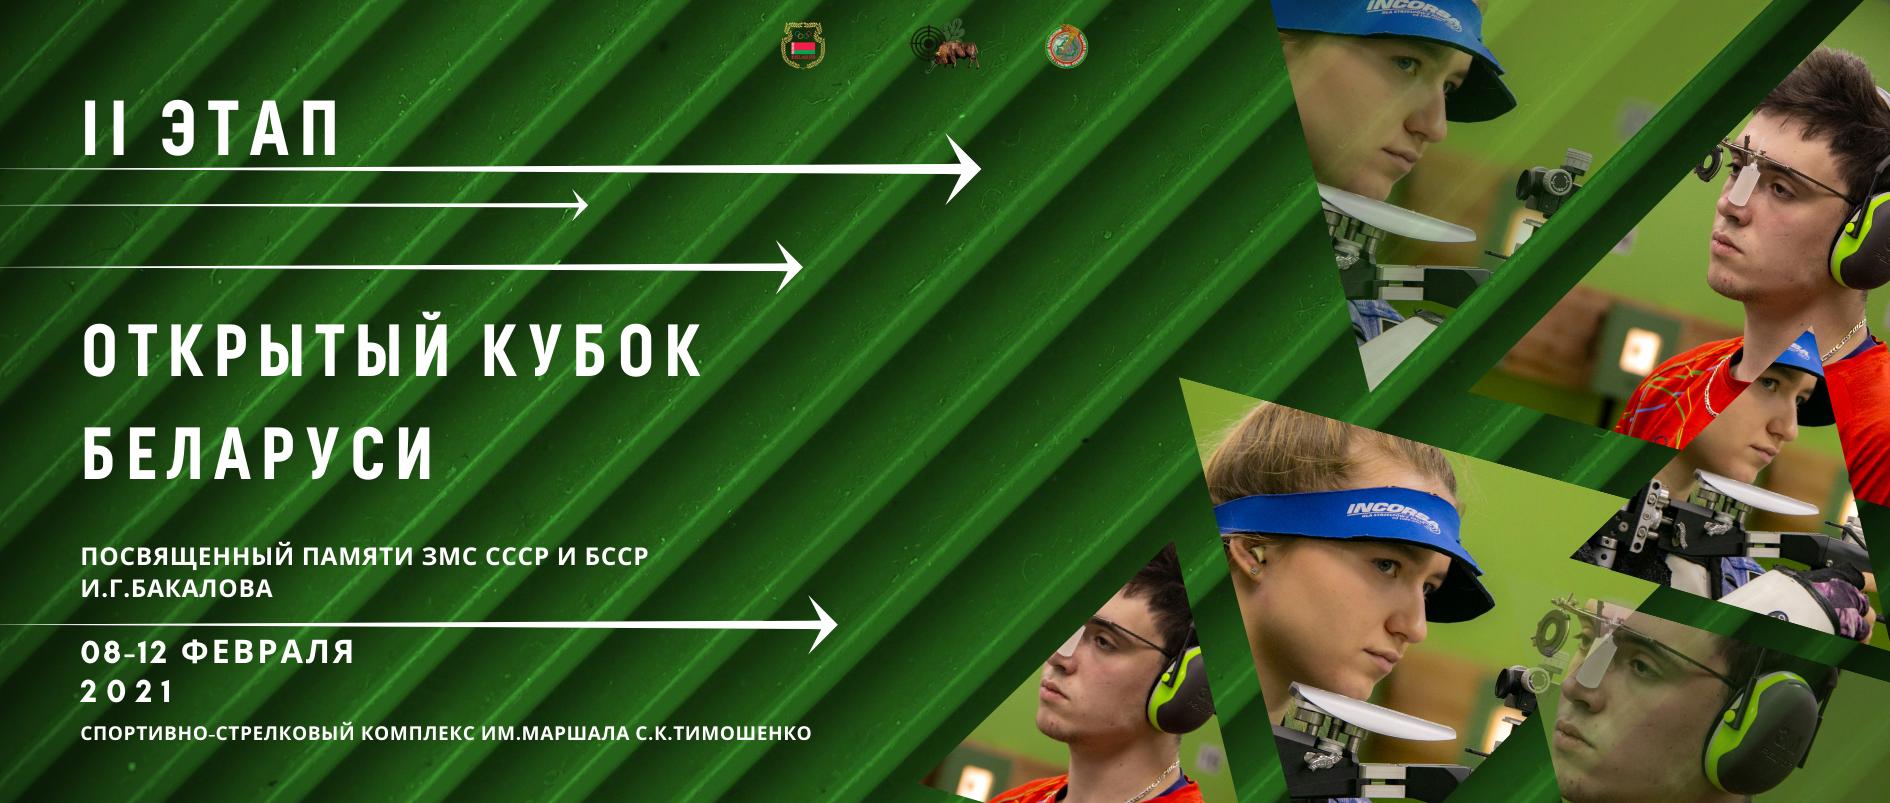 II этап Кубка Беларуси стартует с началом новой недели